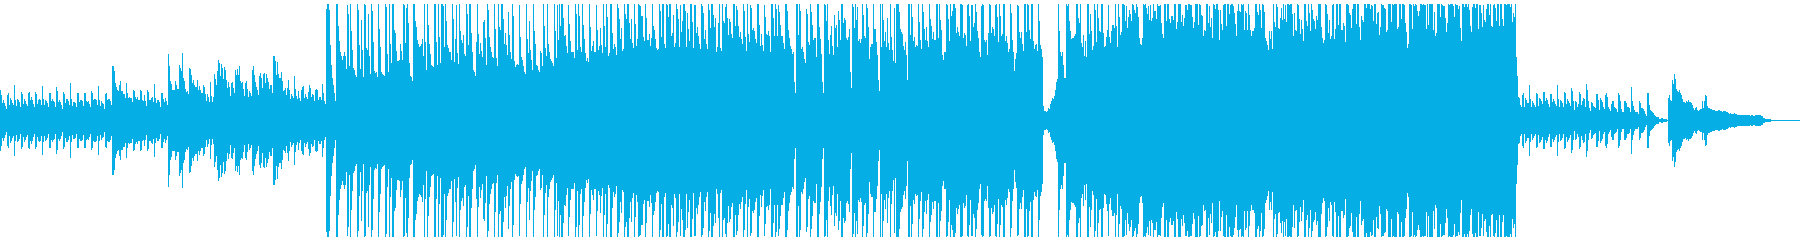 感動的な場面に合った少しずつ盛り上がる曲の再生済みの波形